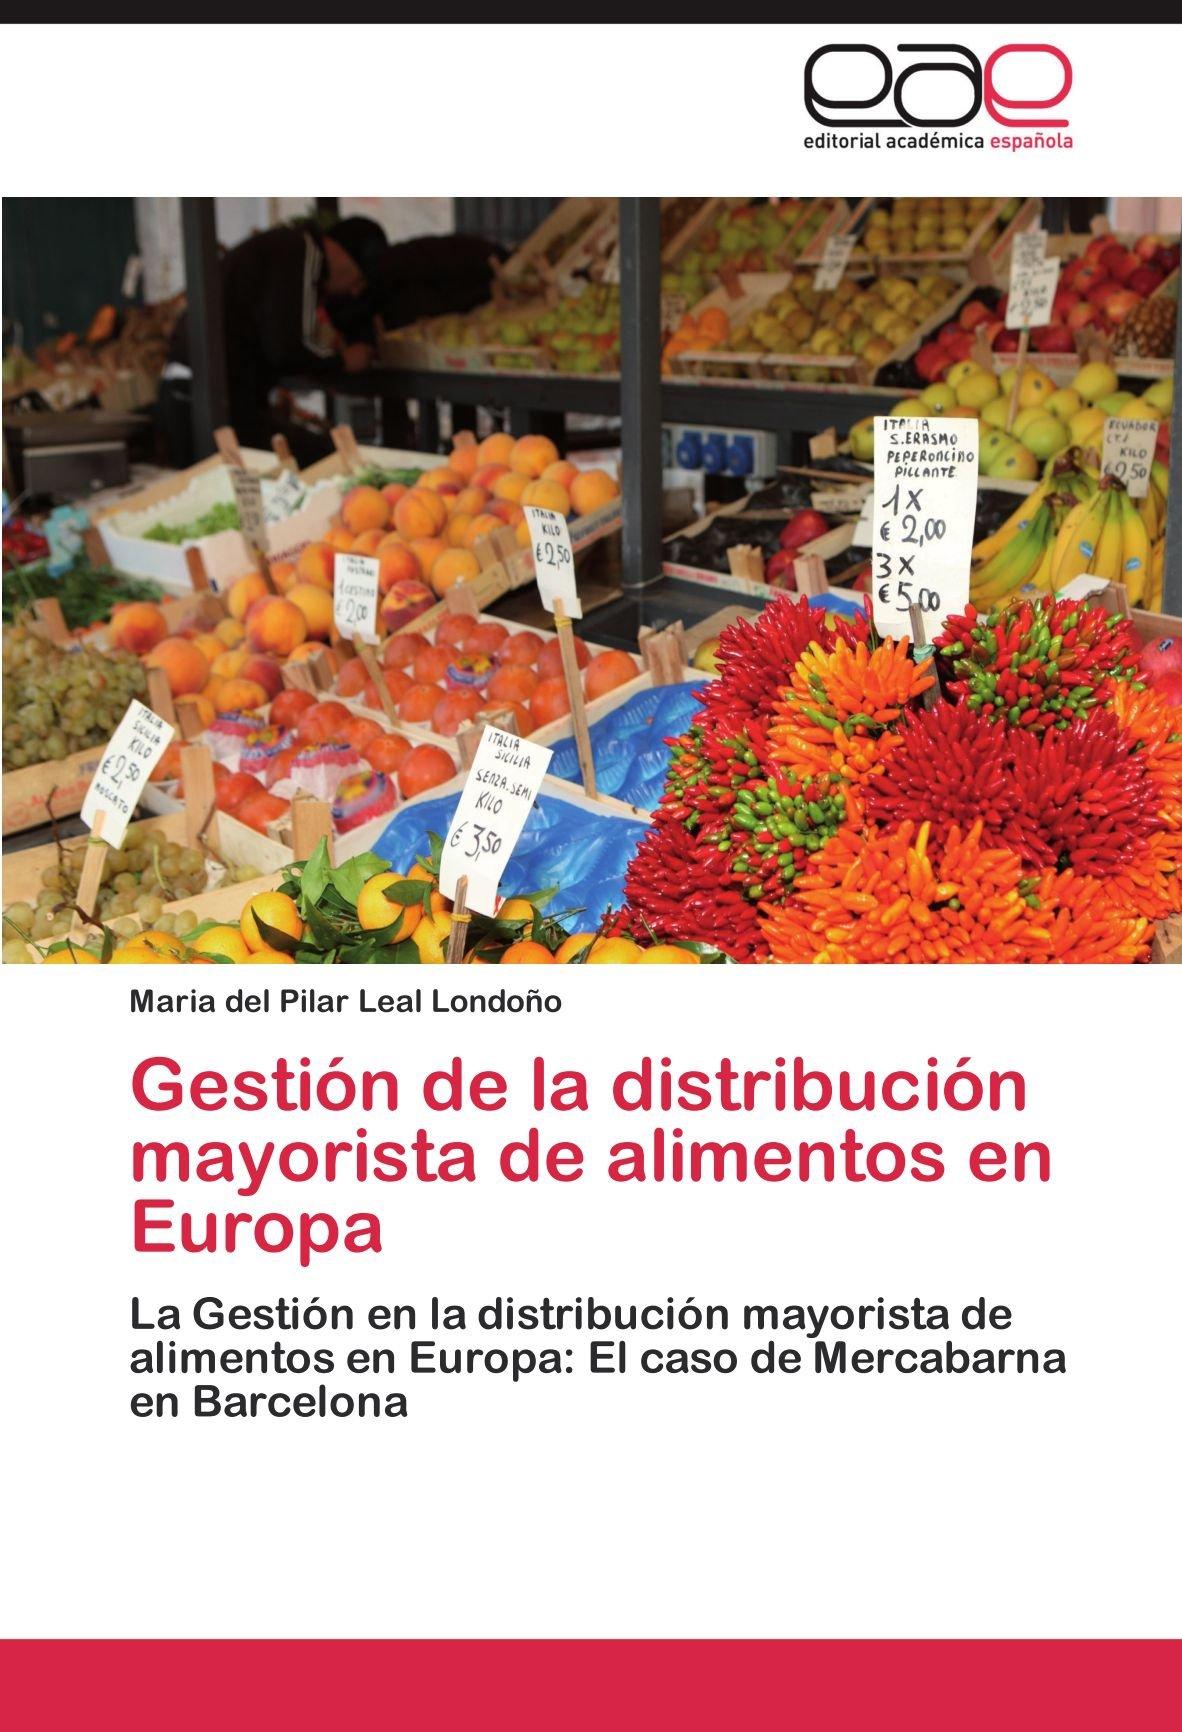 Gestión de la distribución mayorista de alimentos en Europa: Amazon.es: Leal Londoño Maria del Pilar: Libros